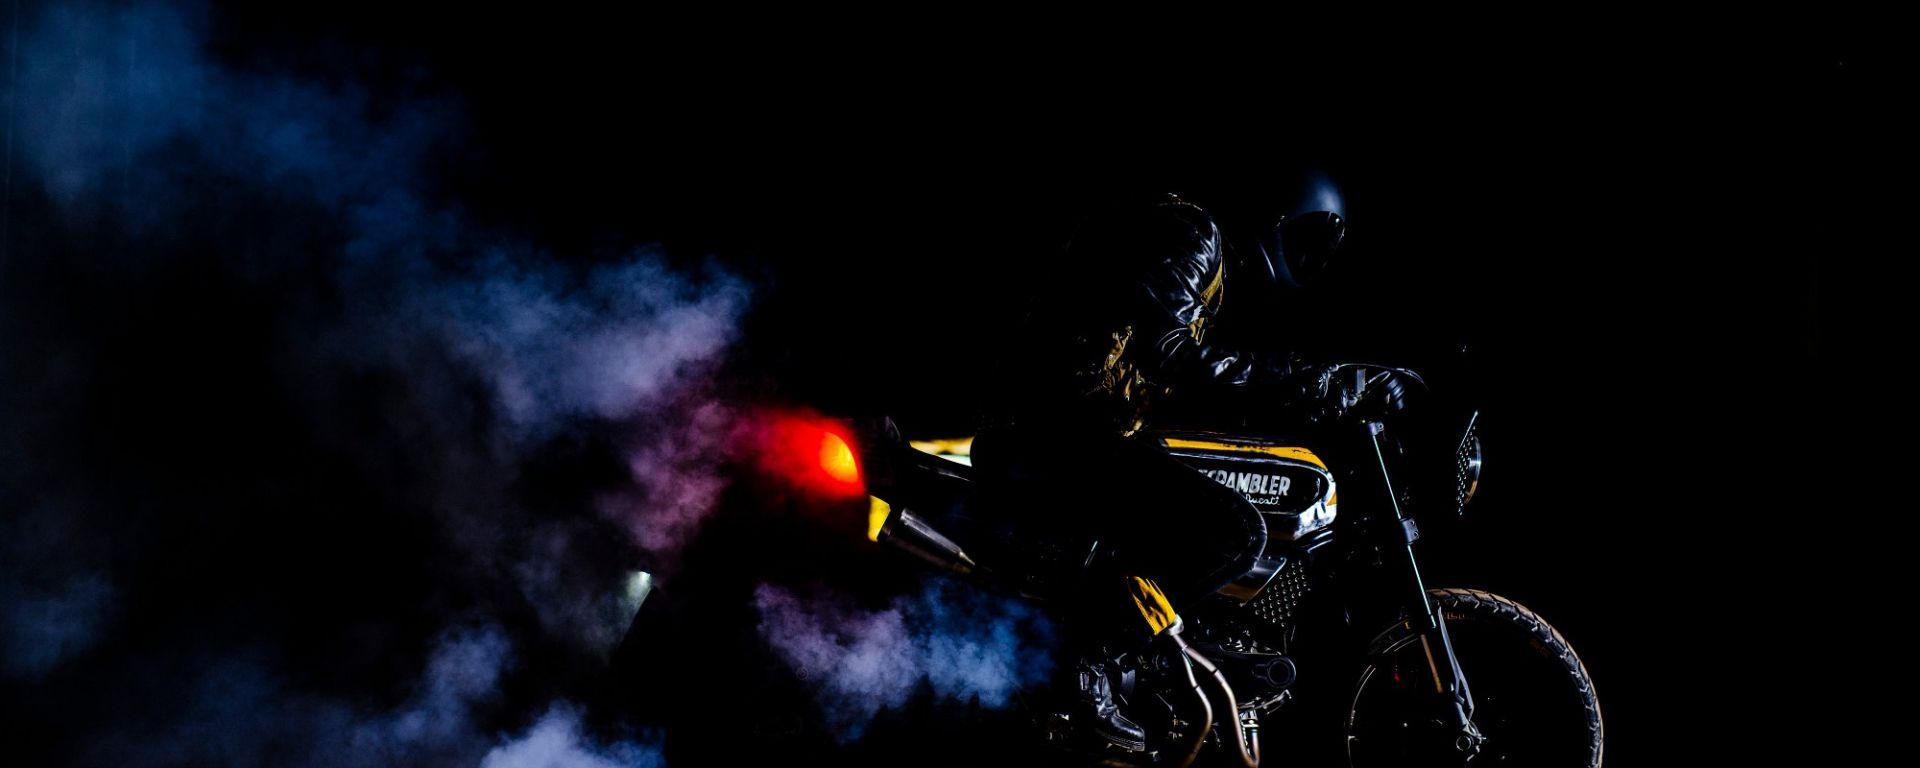 Scrambler Ducati SC-Rumble